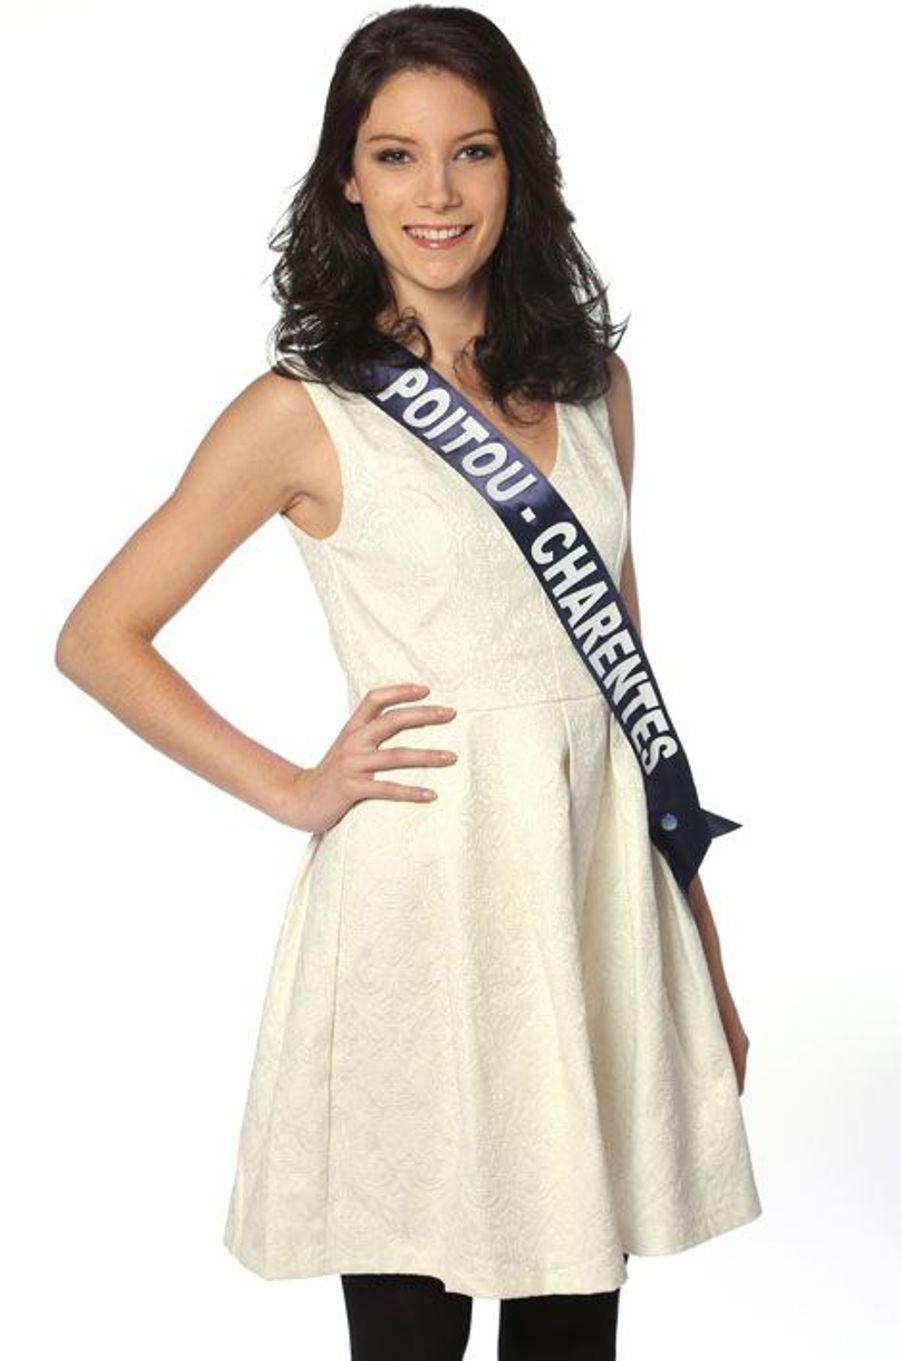 Laura Pierre, 20 ans, Miss Poitou-Charentes